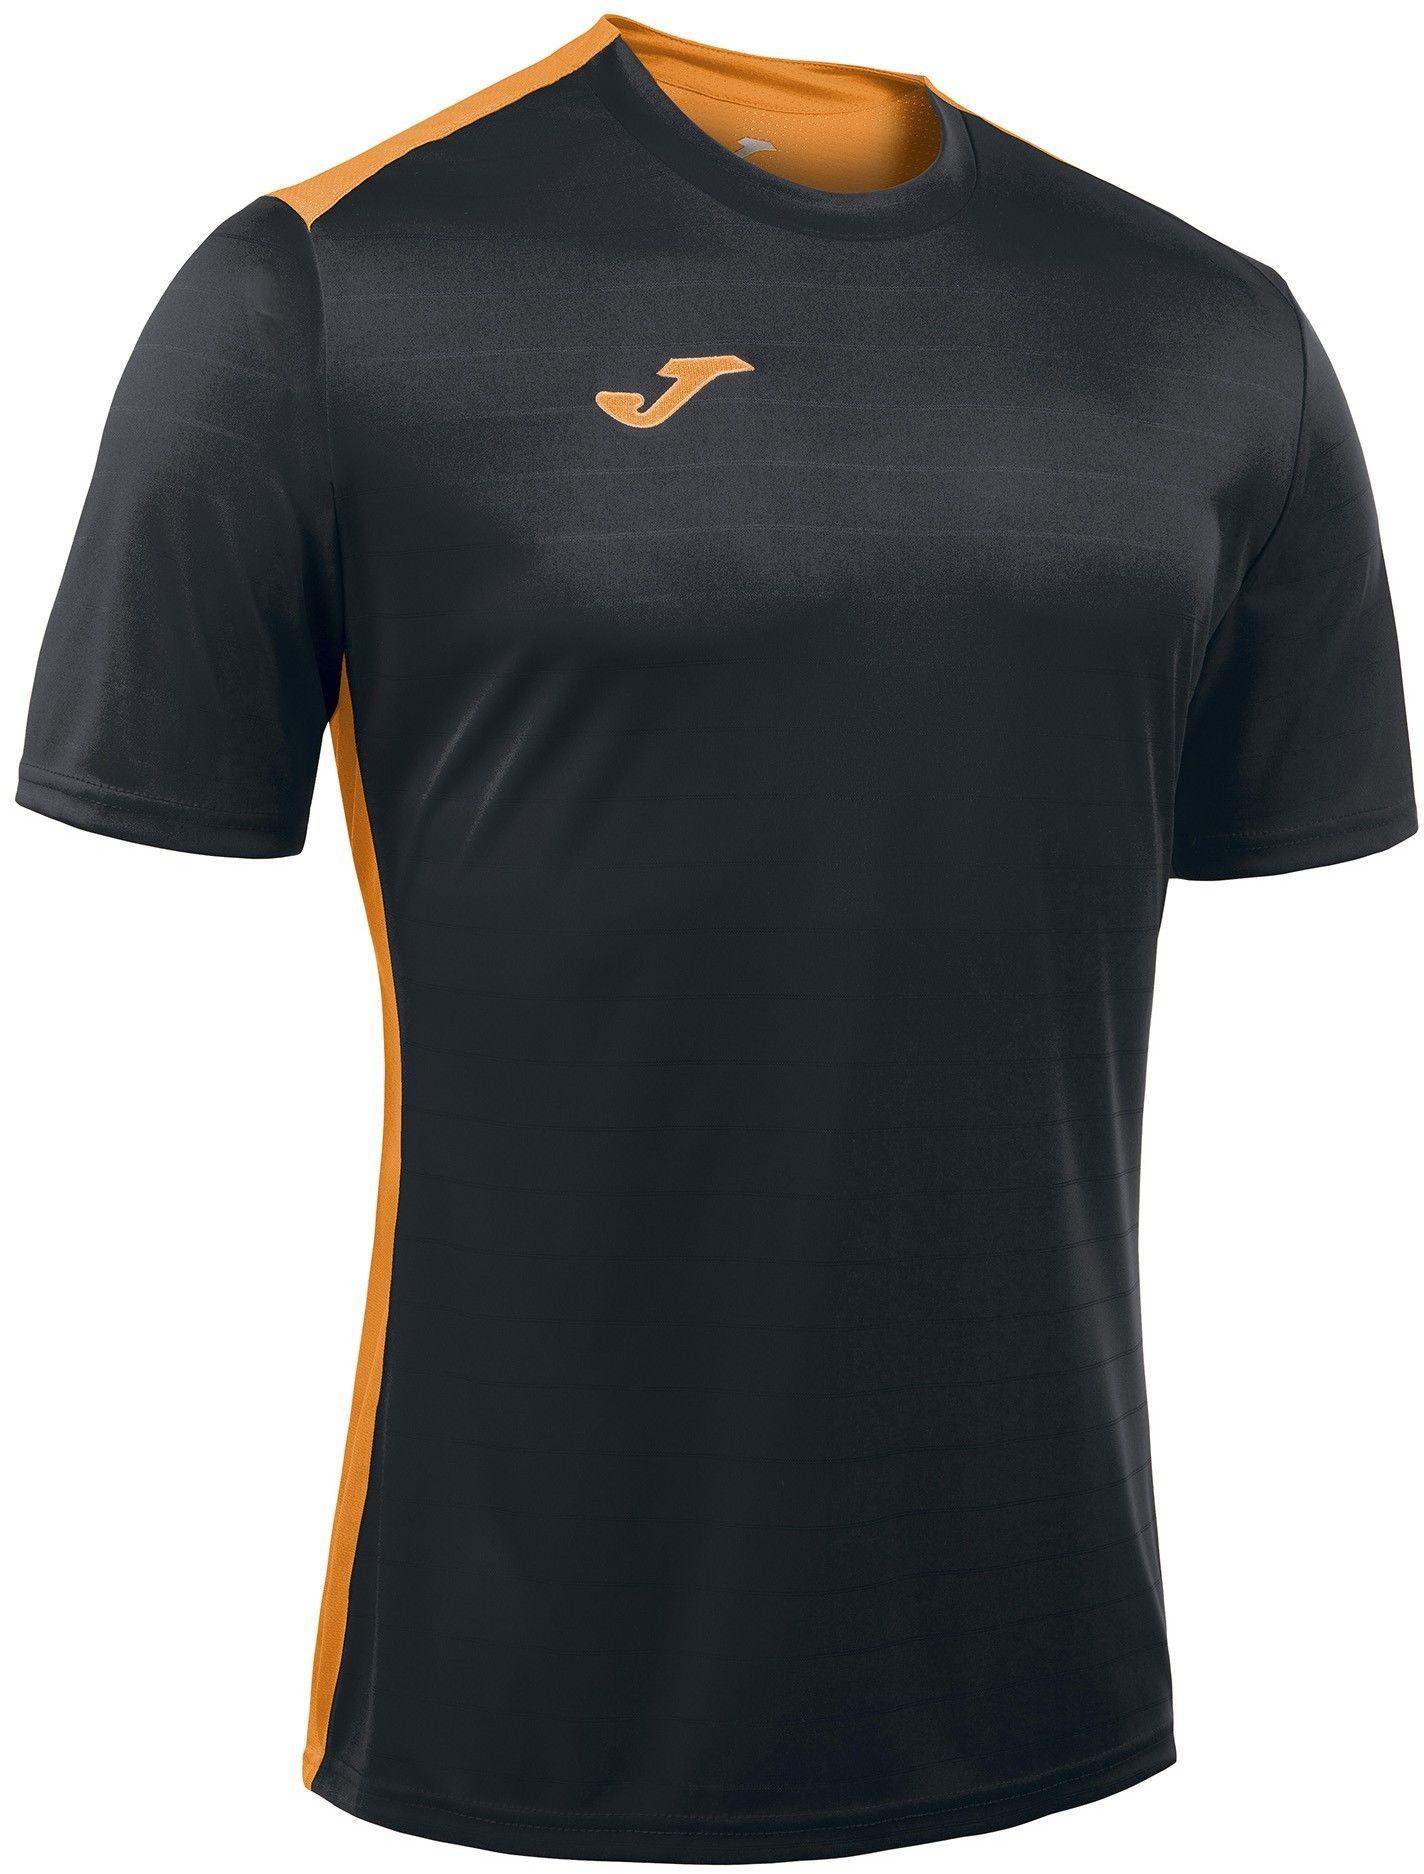 Koszulka Joma Campus black/orange fluor (10 szt.)